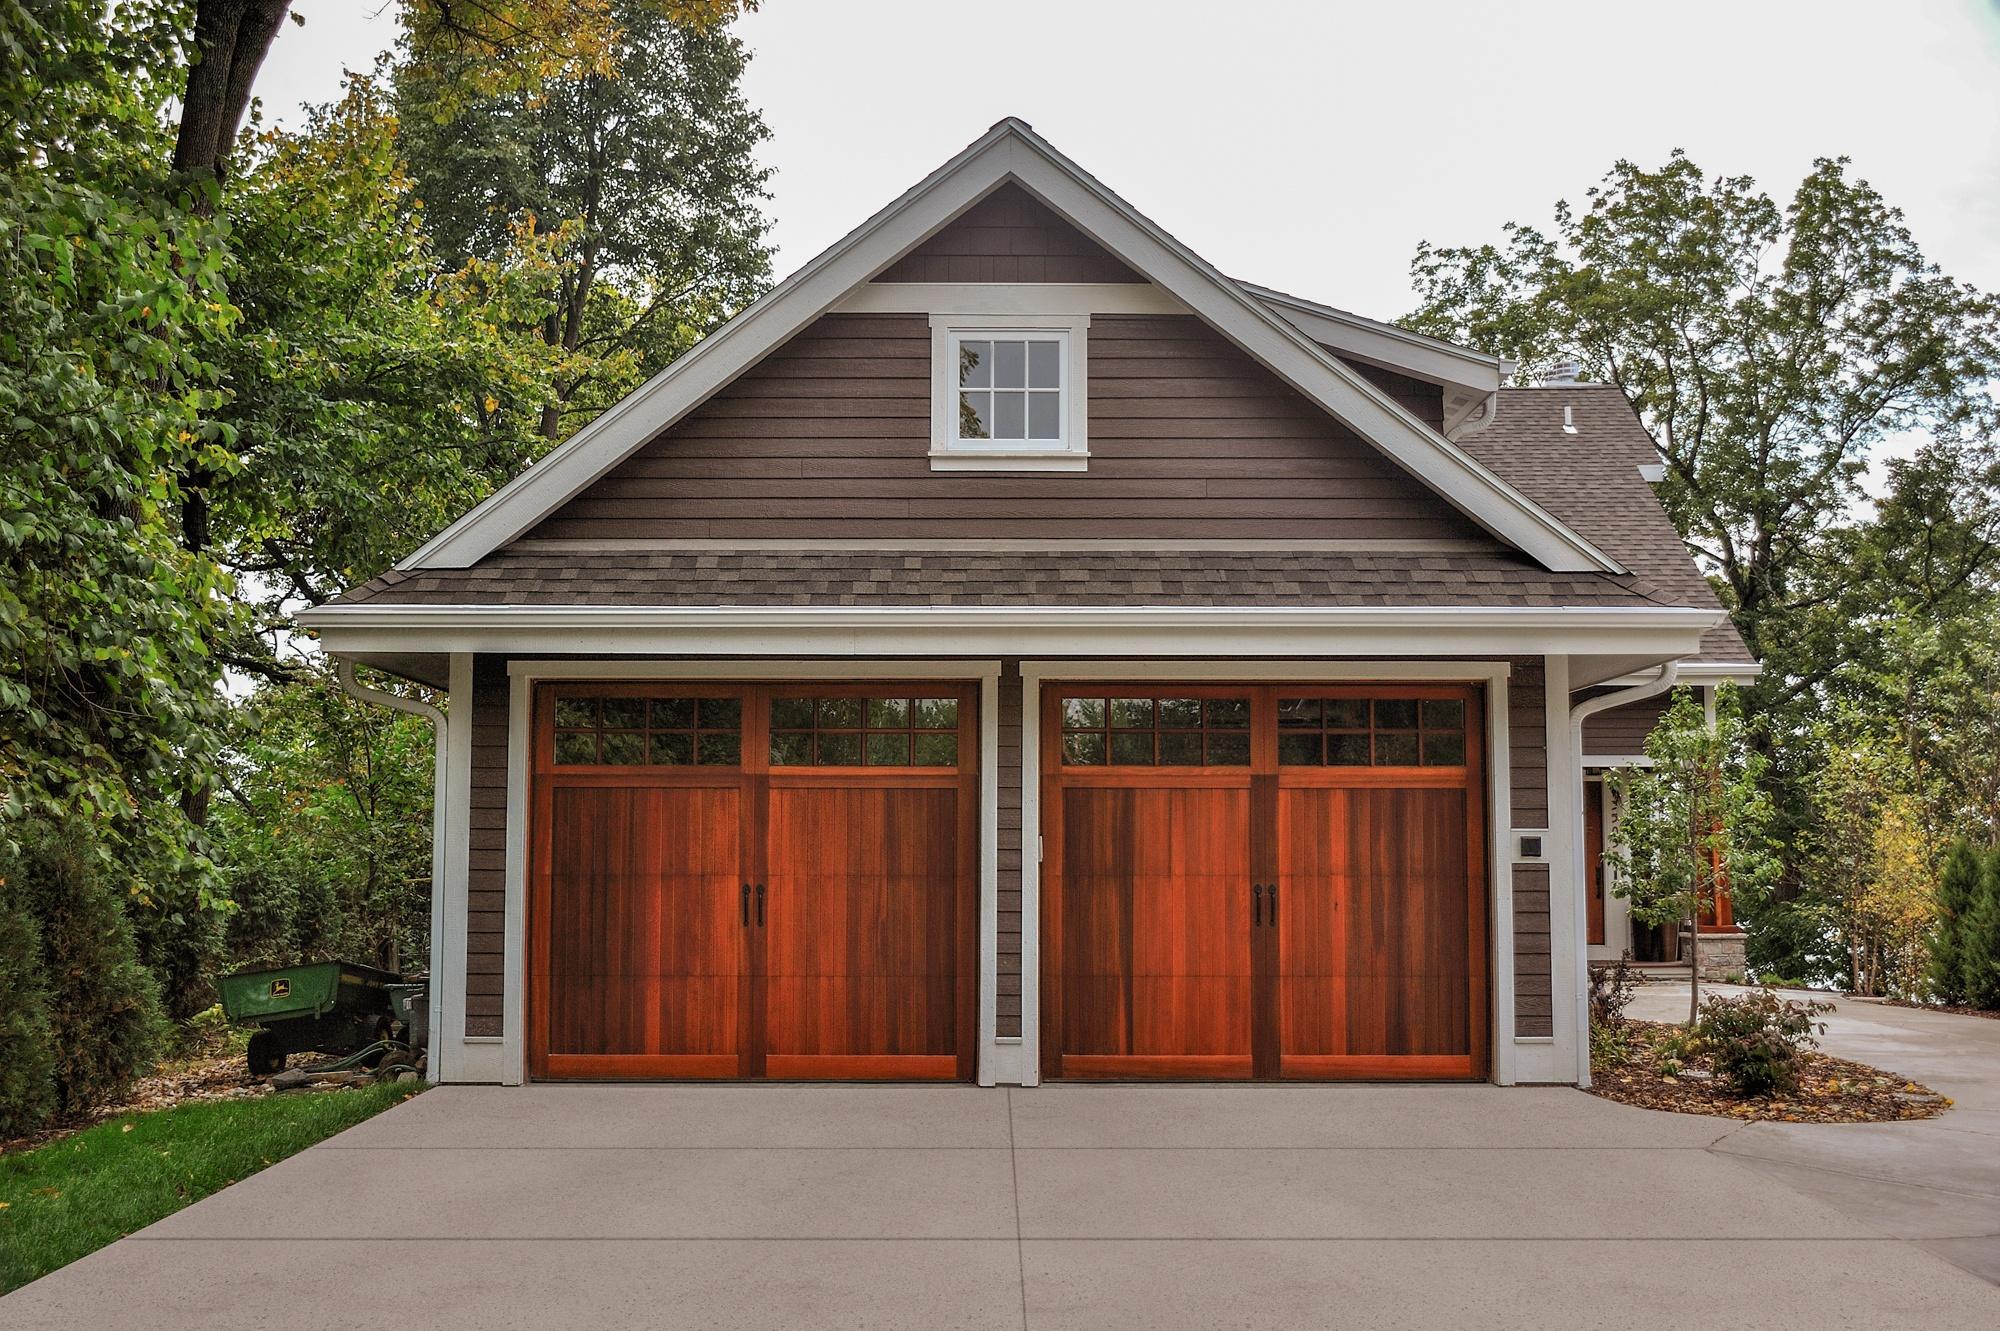 Carriage house overlay chi overhead doors for 10ft x 7ft garage door